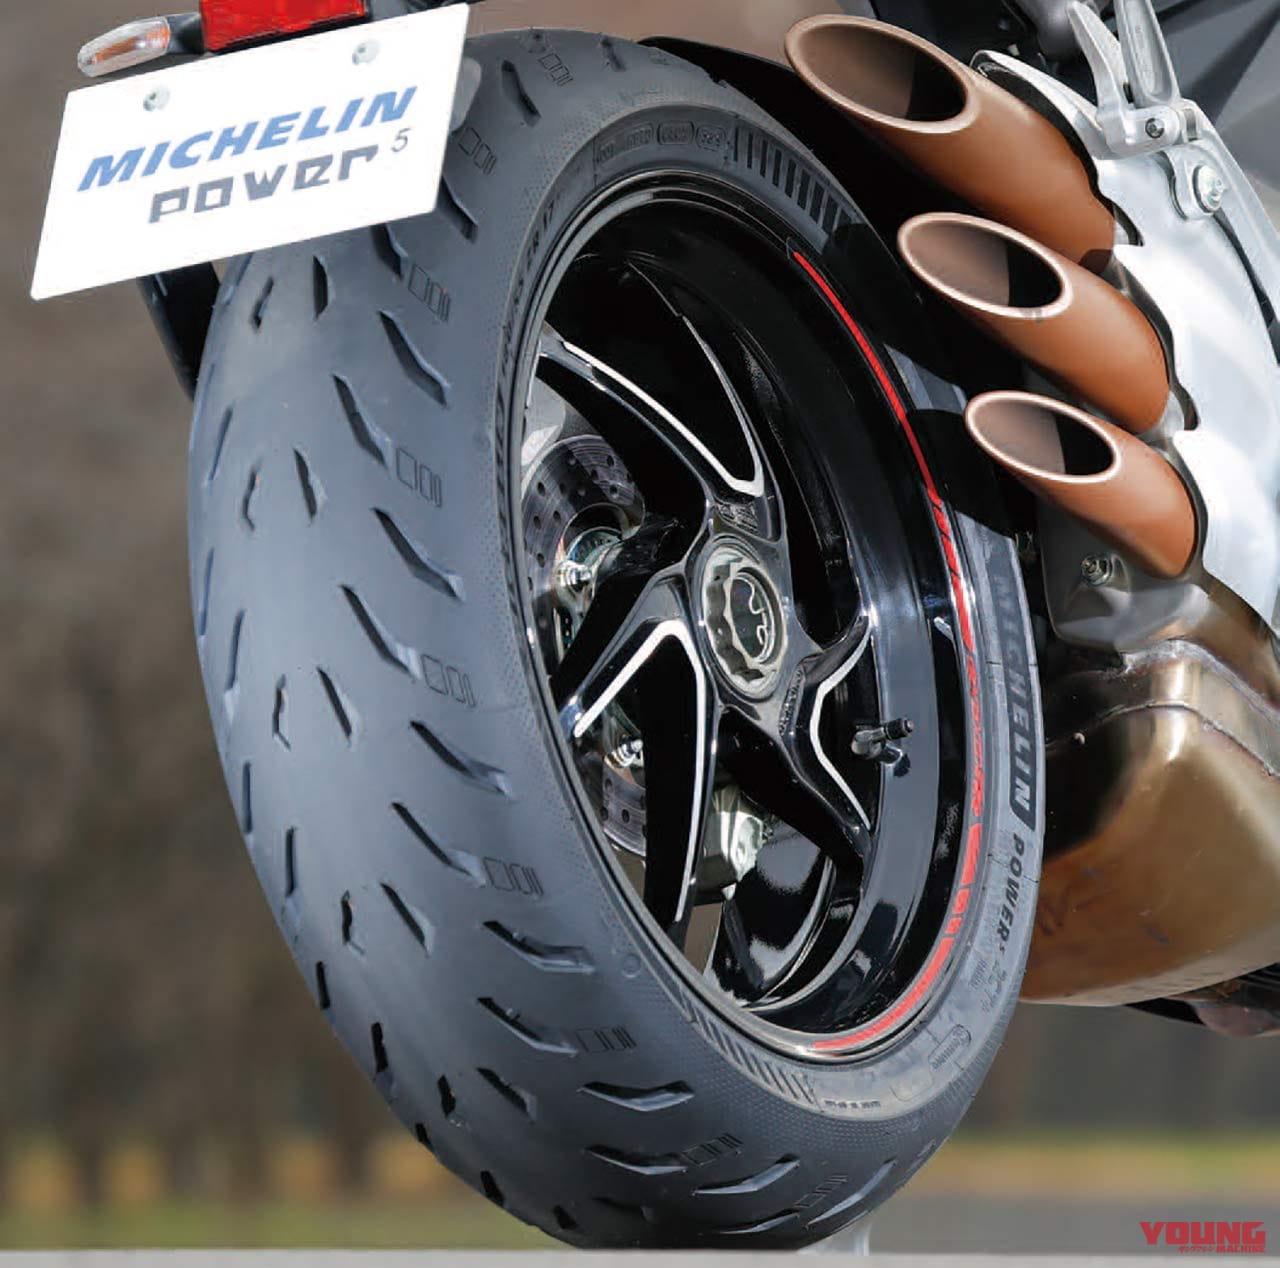 Gp ミシュラン パワー 日本ミシュランタイヤ、モーターサイクル用新ラインナップ「MICHELIN POWER